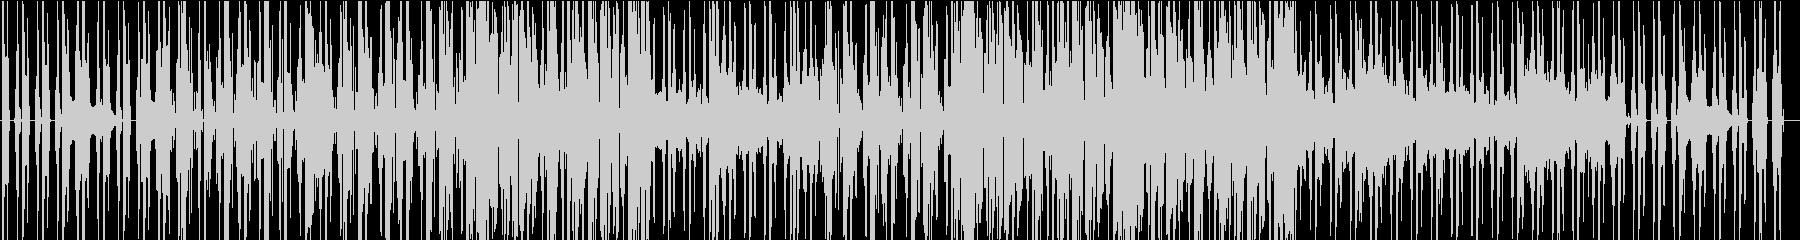 ポップR&B、ハンドクラップ、パワ...の未再生の波形